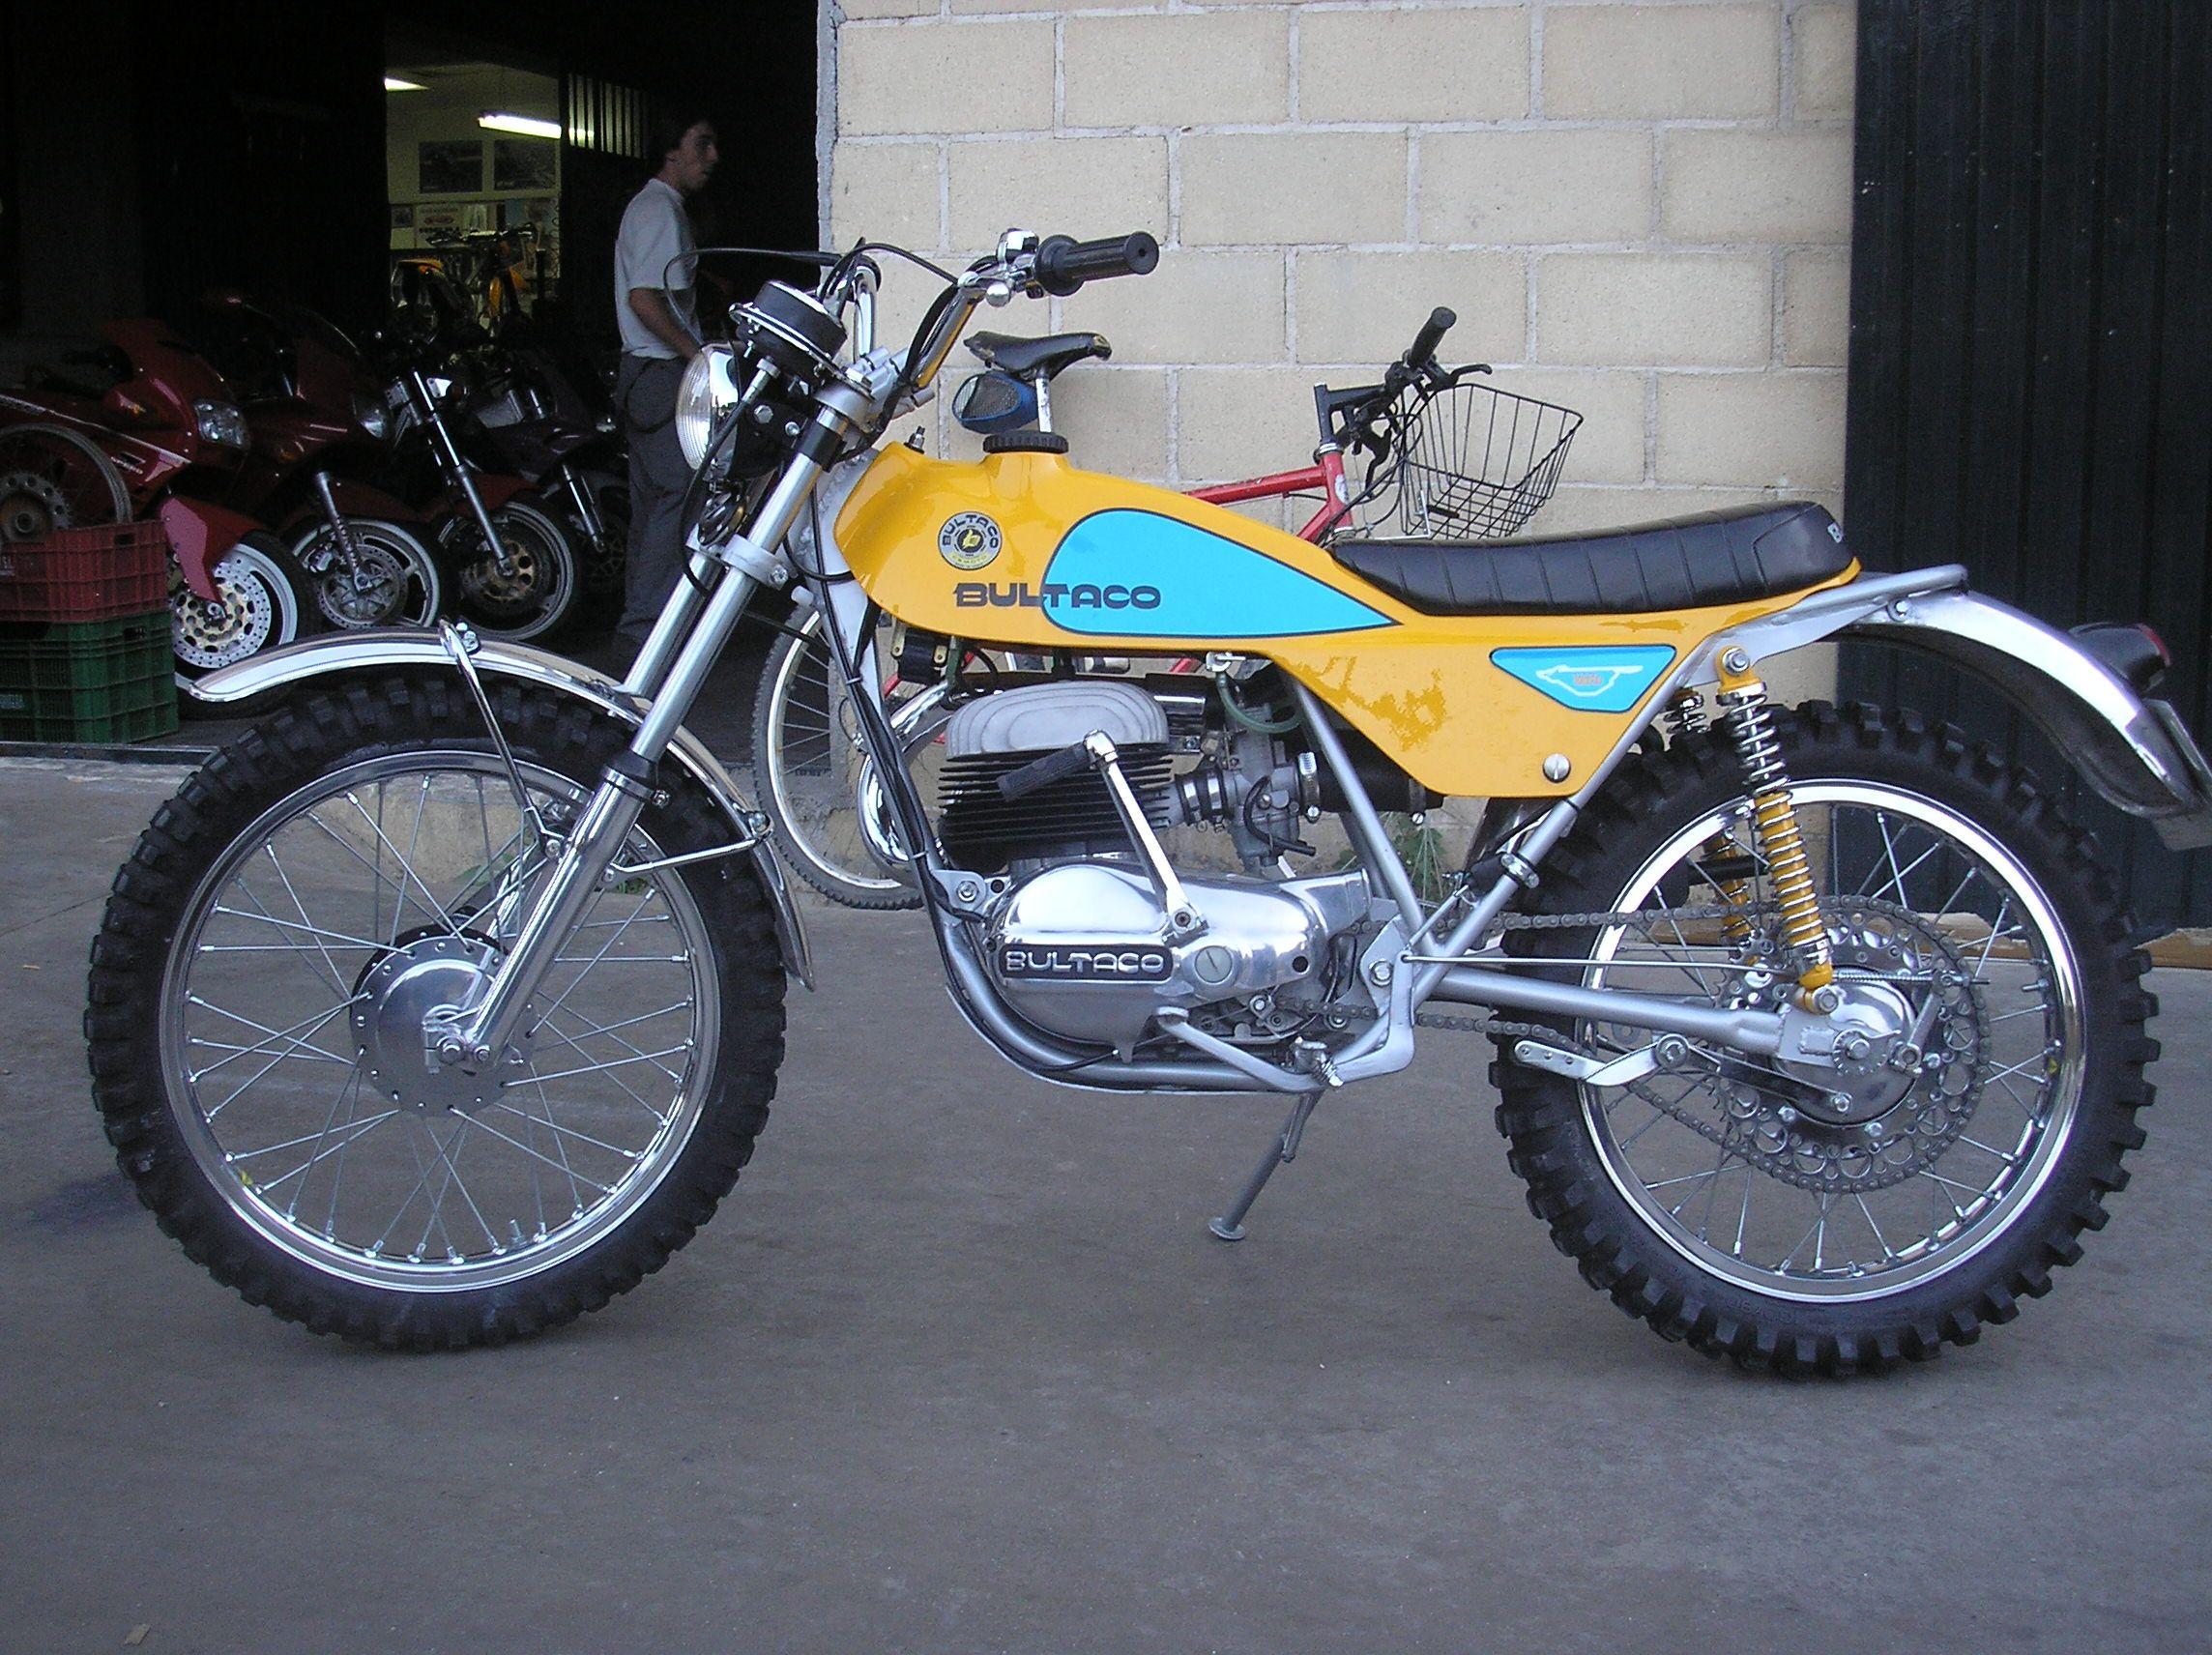 Bultaco Lobito 125 Cc Motos Clasicas Motos Antiguas Motocicletas Antiguas